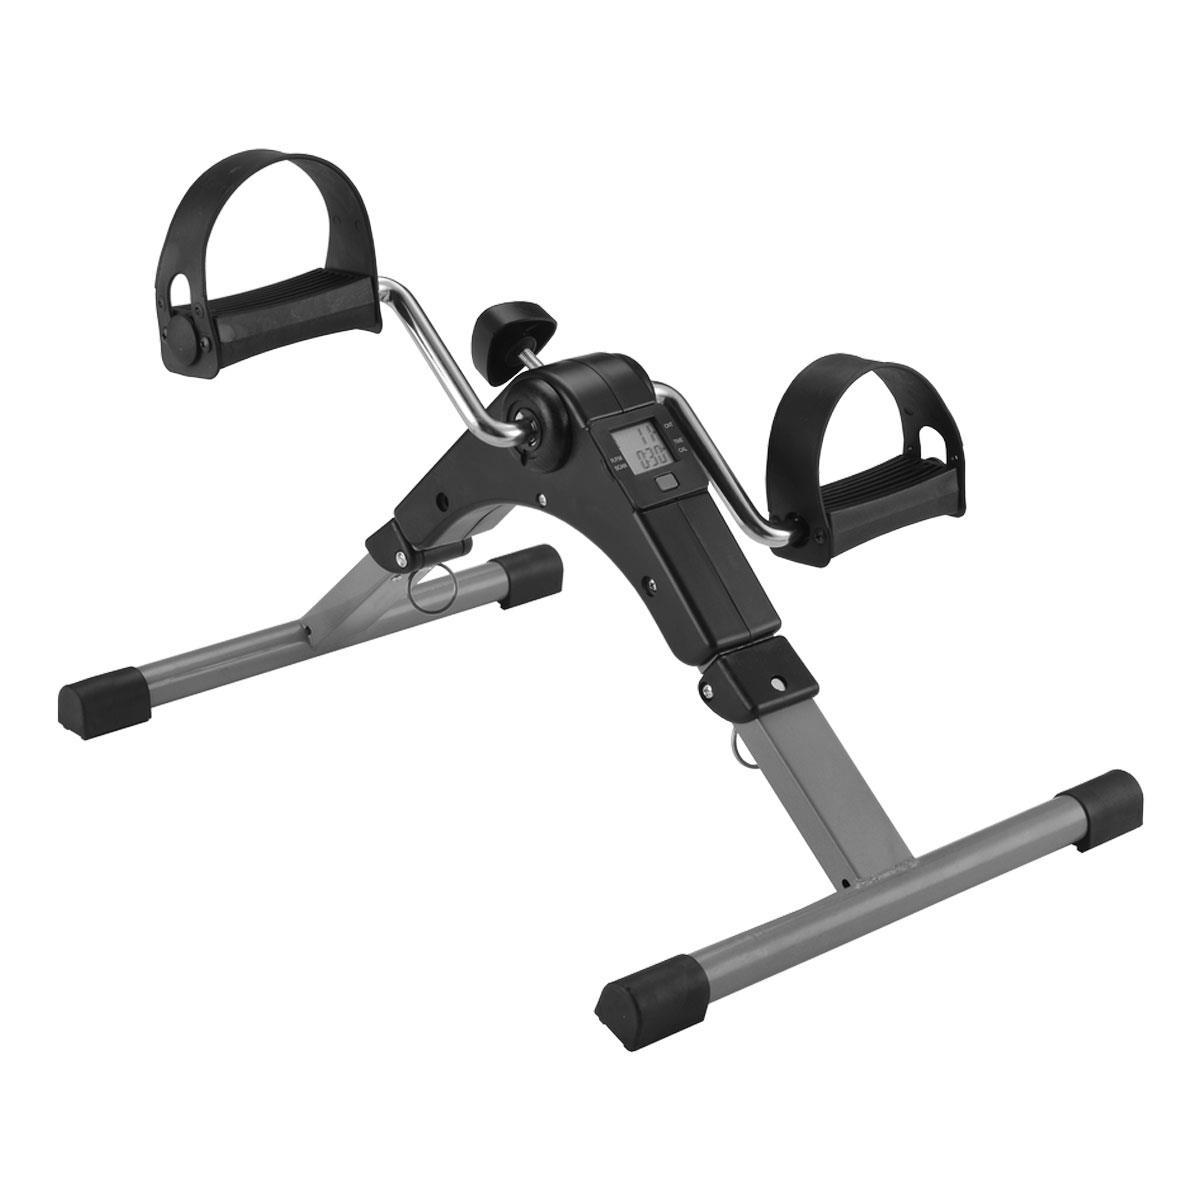 Mini Bike Compacta Para Exercícios E Fisioterapia - Proaction